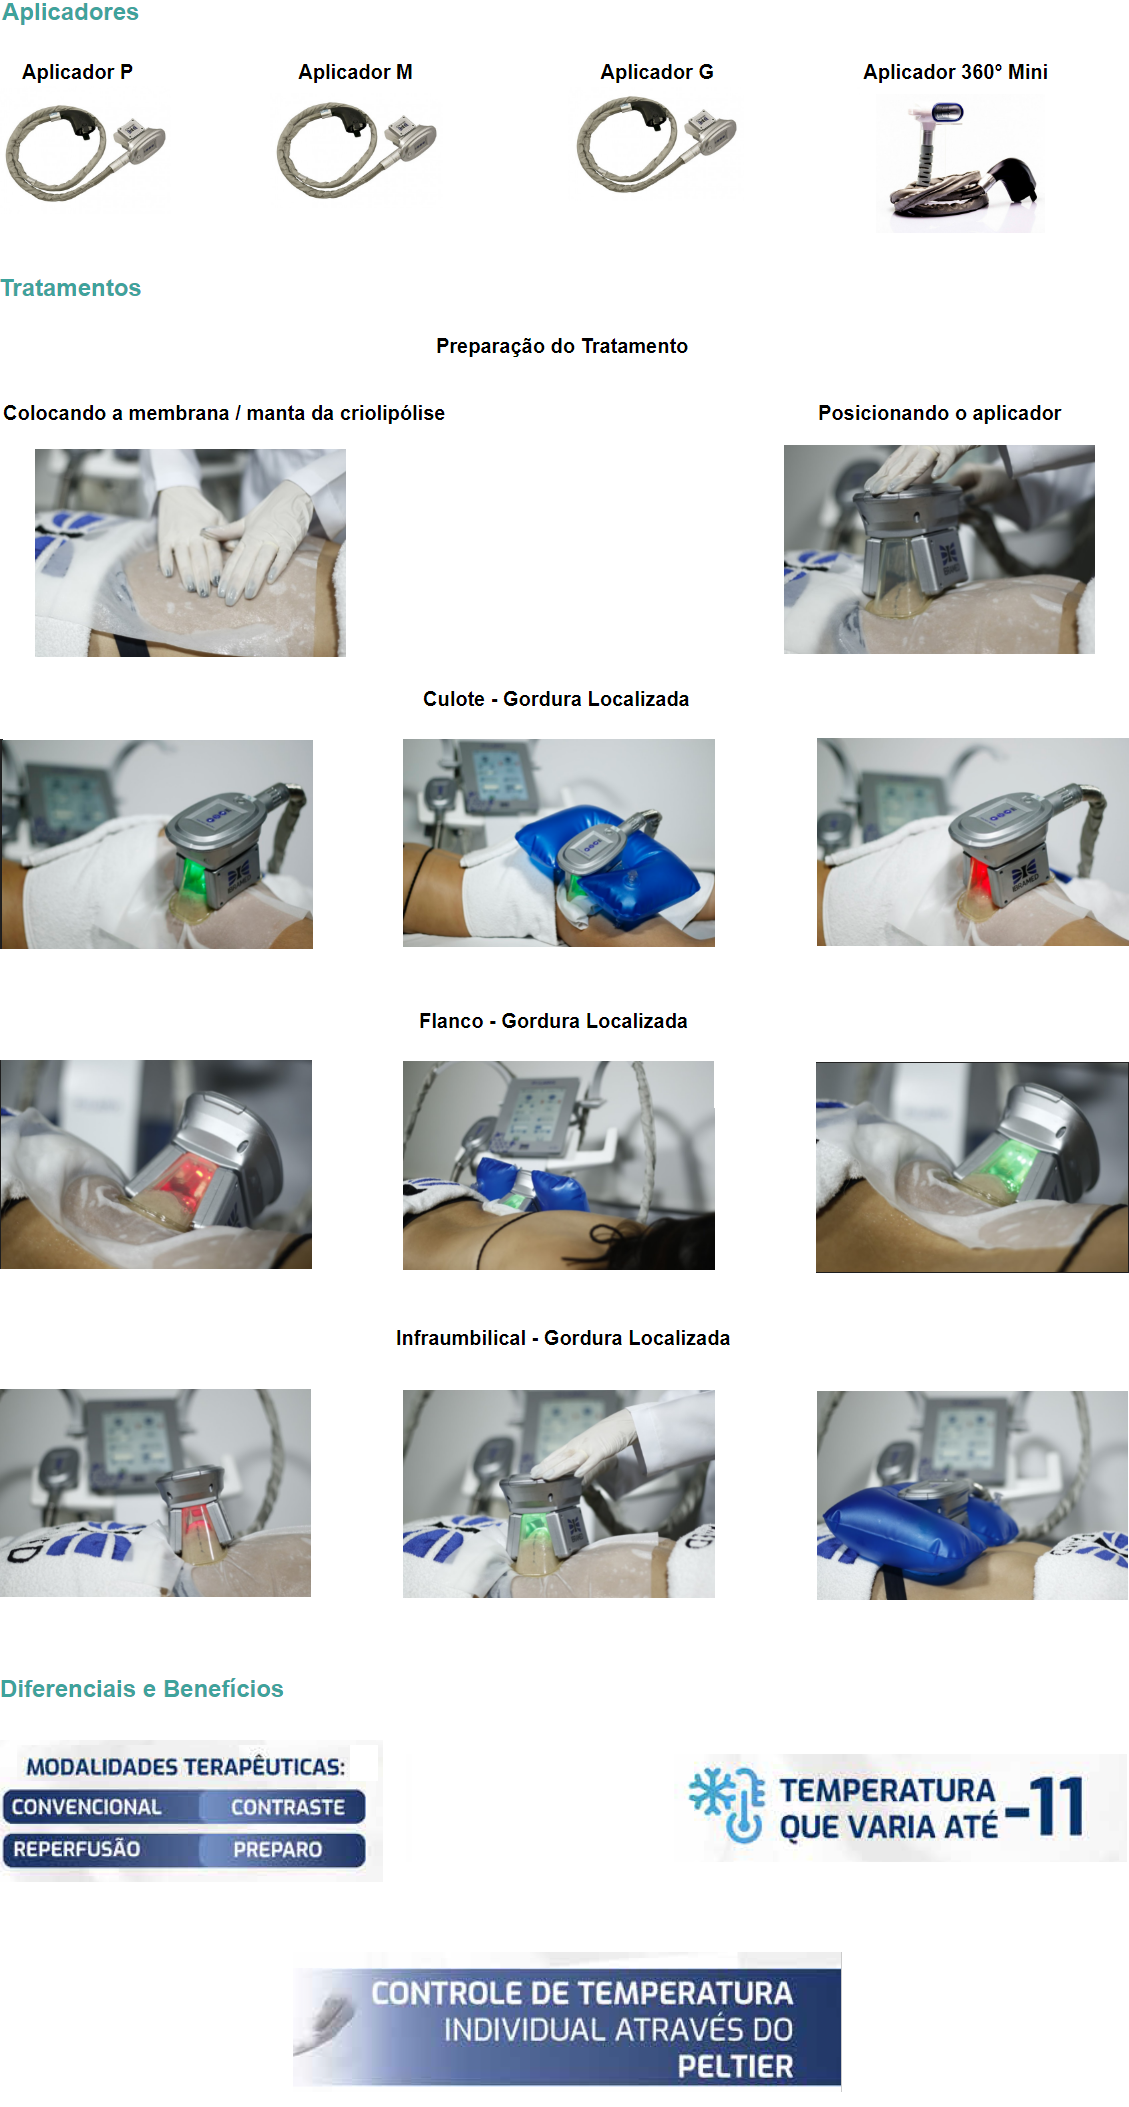 Aplicadores  Aplicador P  Aplicador M     Aplicador G      Aplicador 360° Mini    Tratamentos  Preparação do Tratamento  Colocando a membrana / manta da criolipólise  Posicionando o aplicador  Culote - Gordura Localizada  Flanco - Gordura Localizada  Infraumbilical - Gordura Localizada